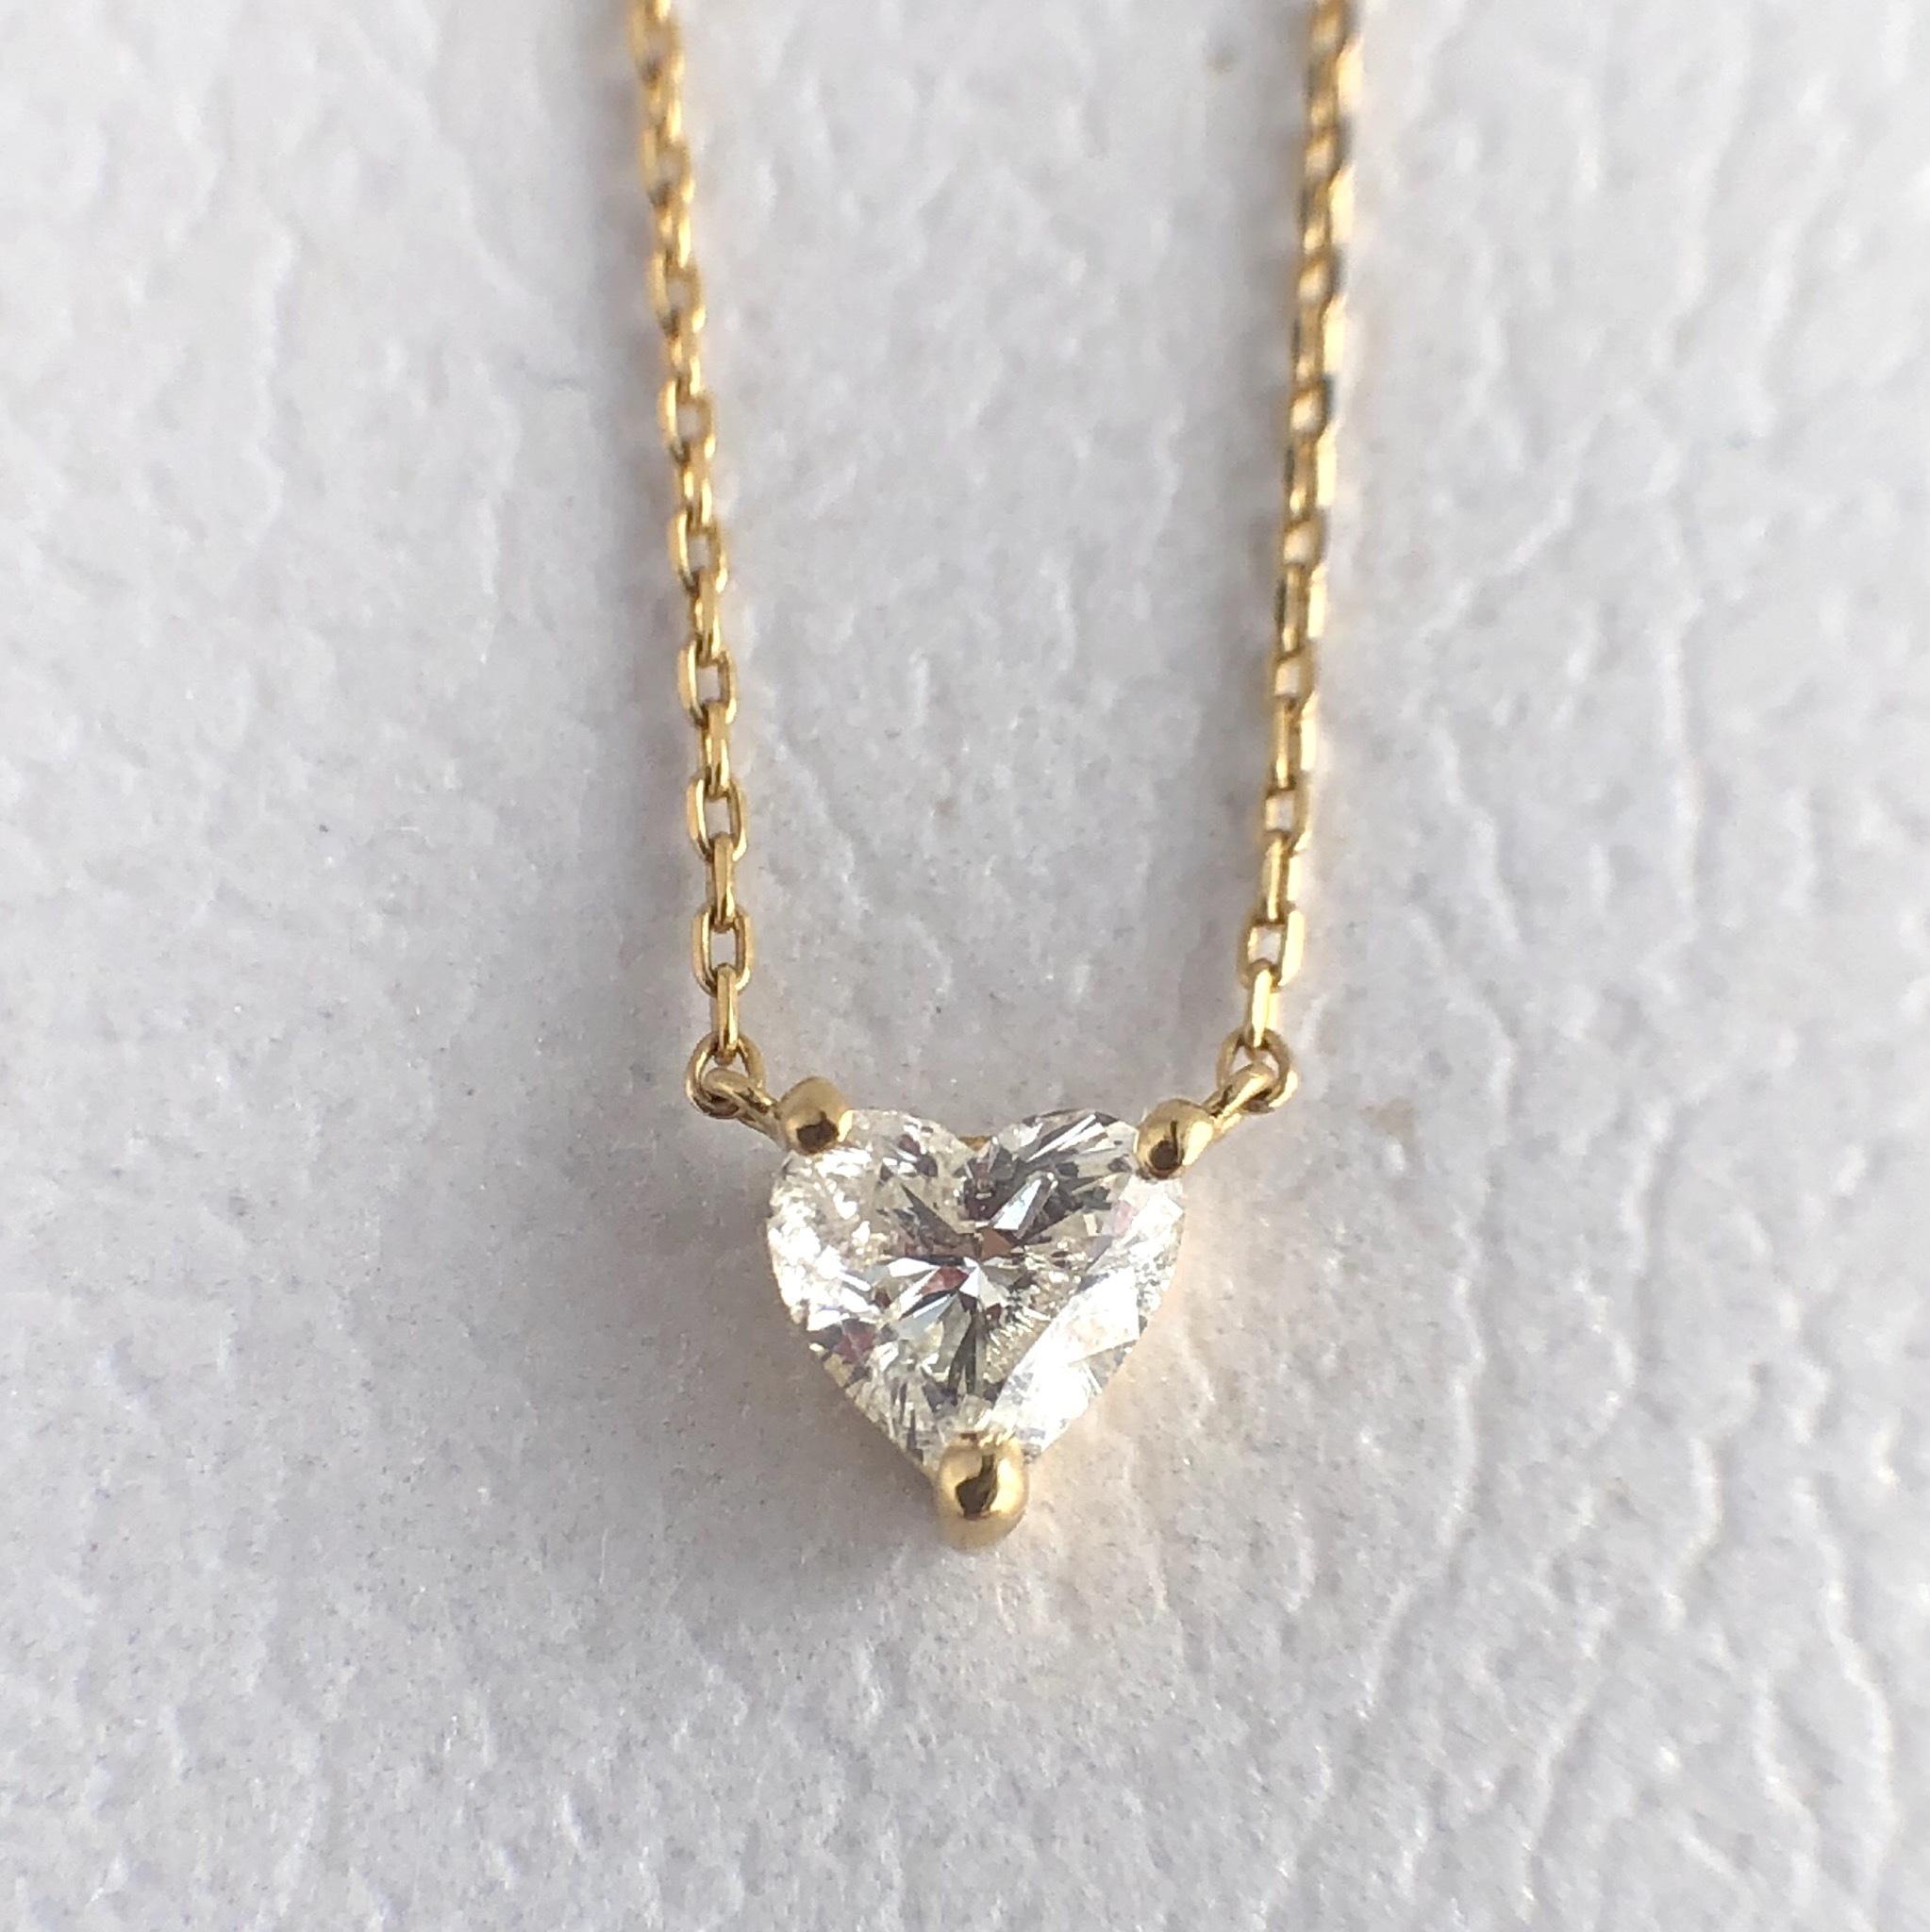 ハートシェイプカット ダイヤモンド ネックレス 0.243ct K10イエローゴールド  チェカ 鑑別書付